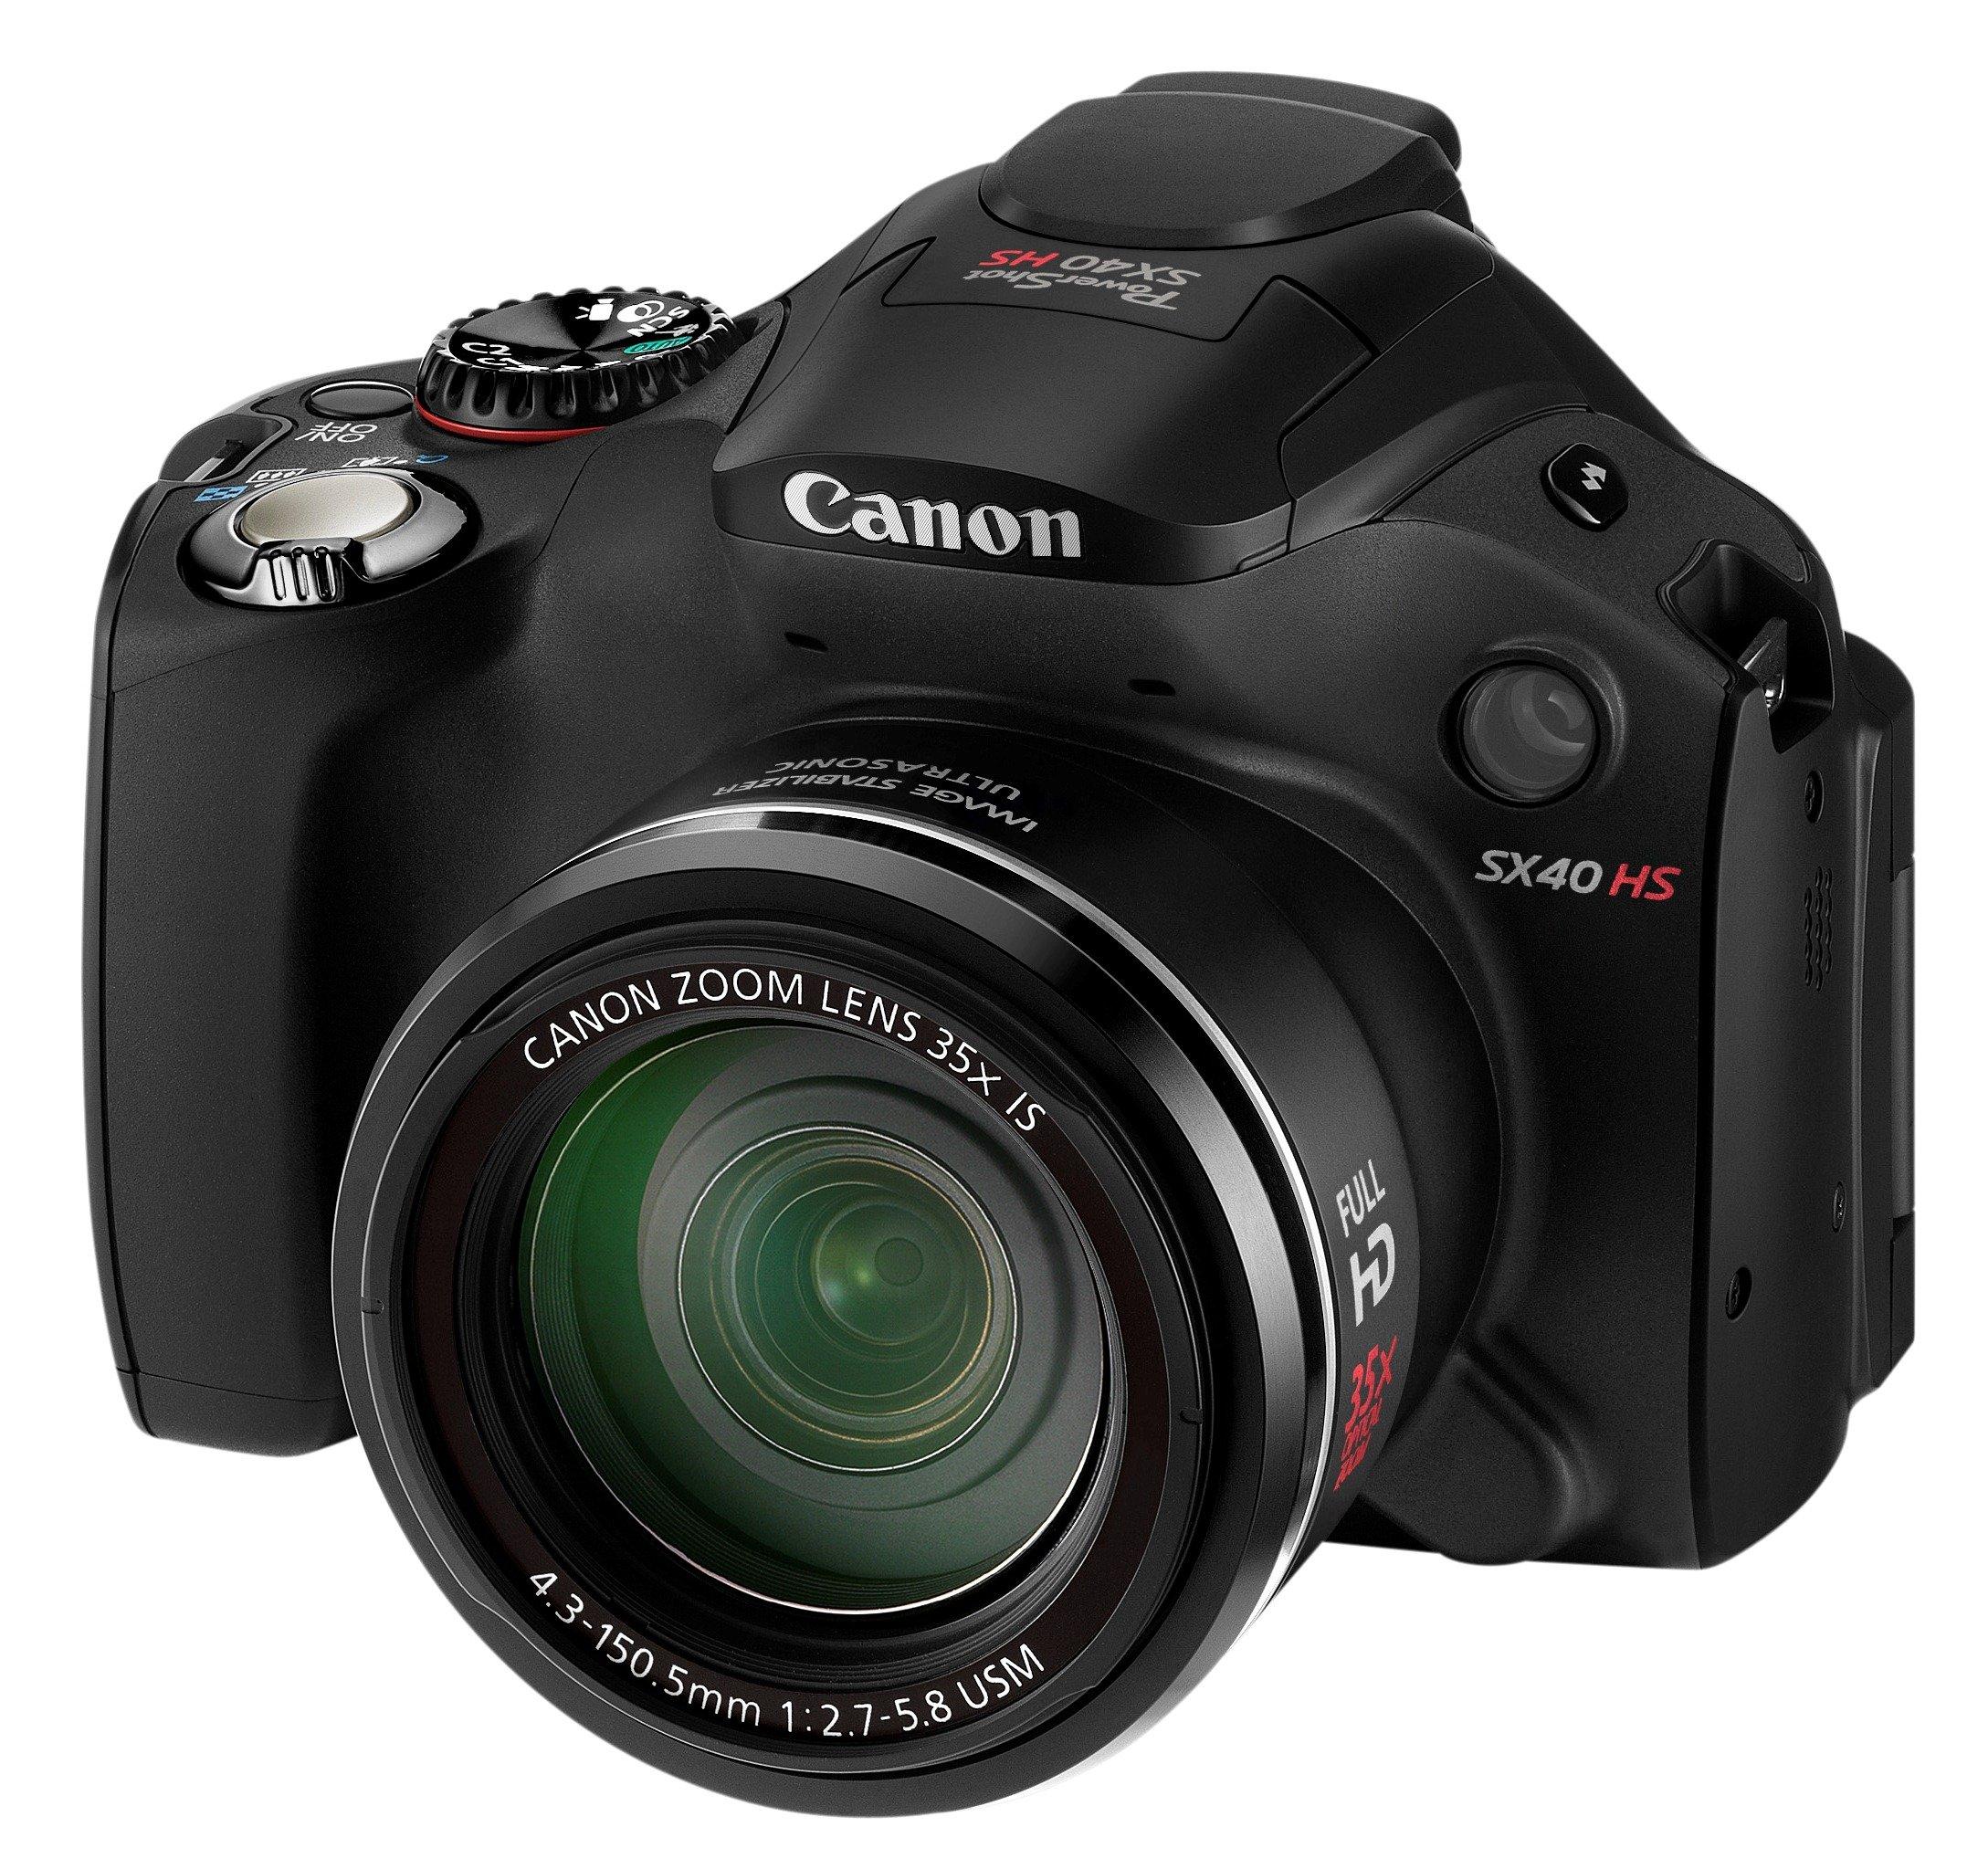 Canon PowerShot SX40 HS Fotocamera Compatta Digitale 12.1 Megapixel, Zoom ottico 35x, Processore DIGIC5, colore: Nero product image